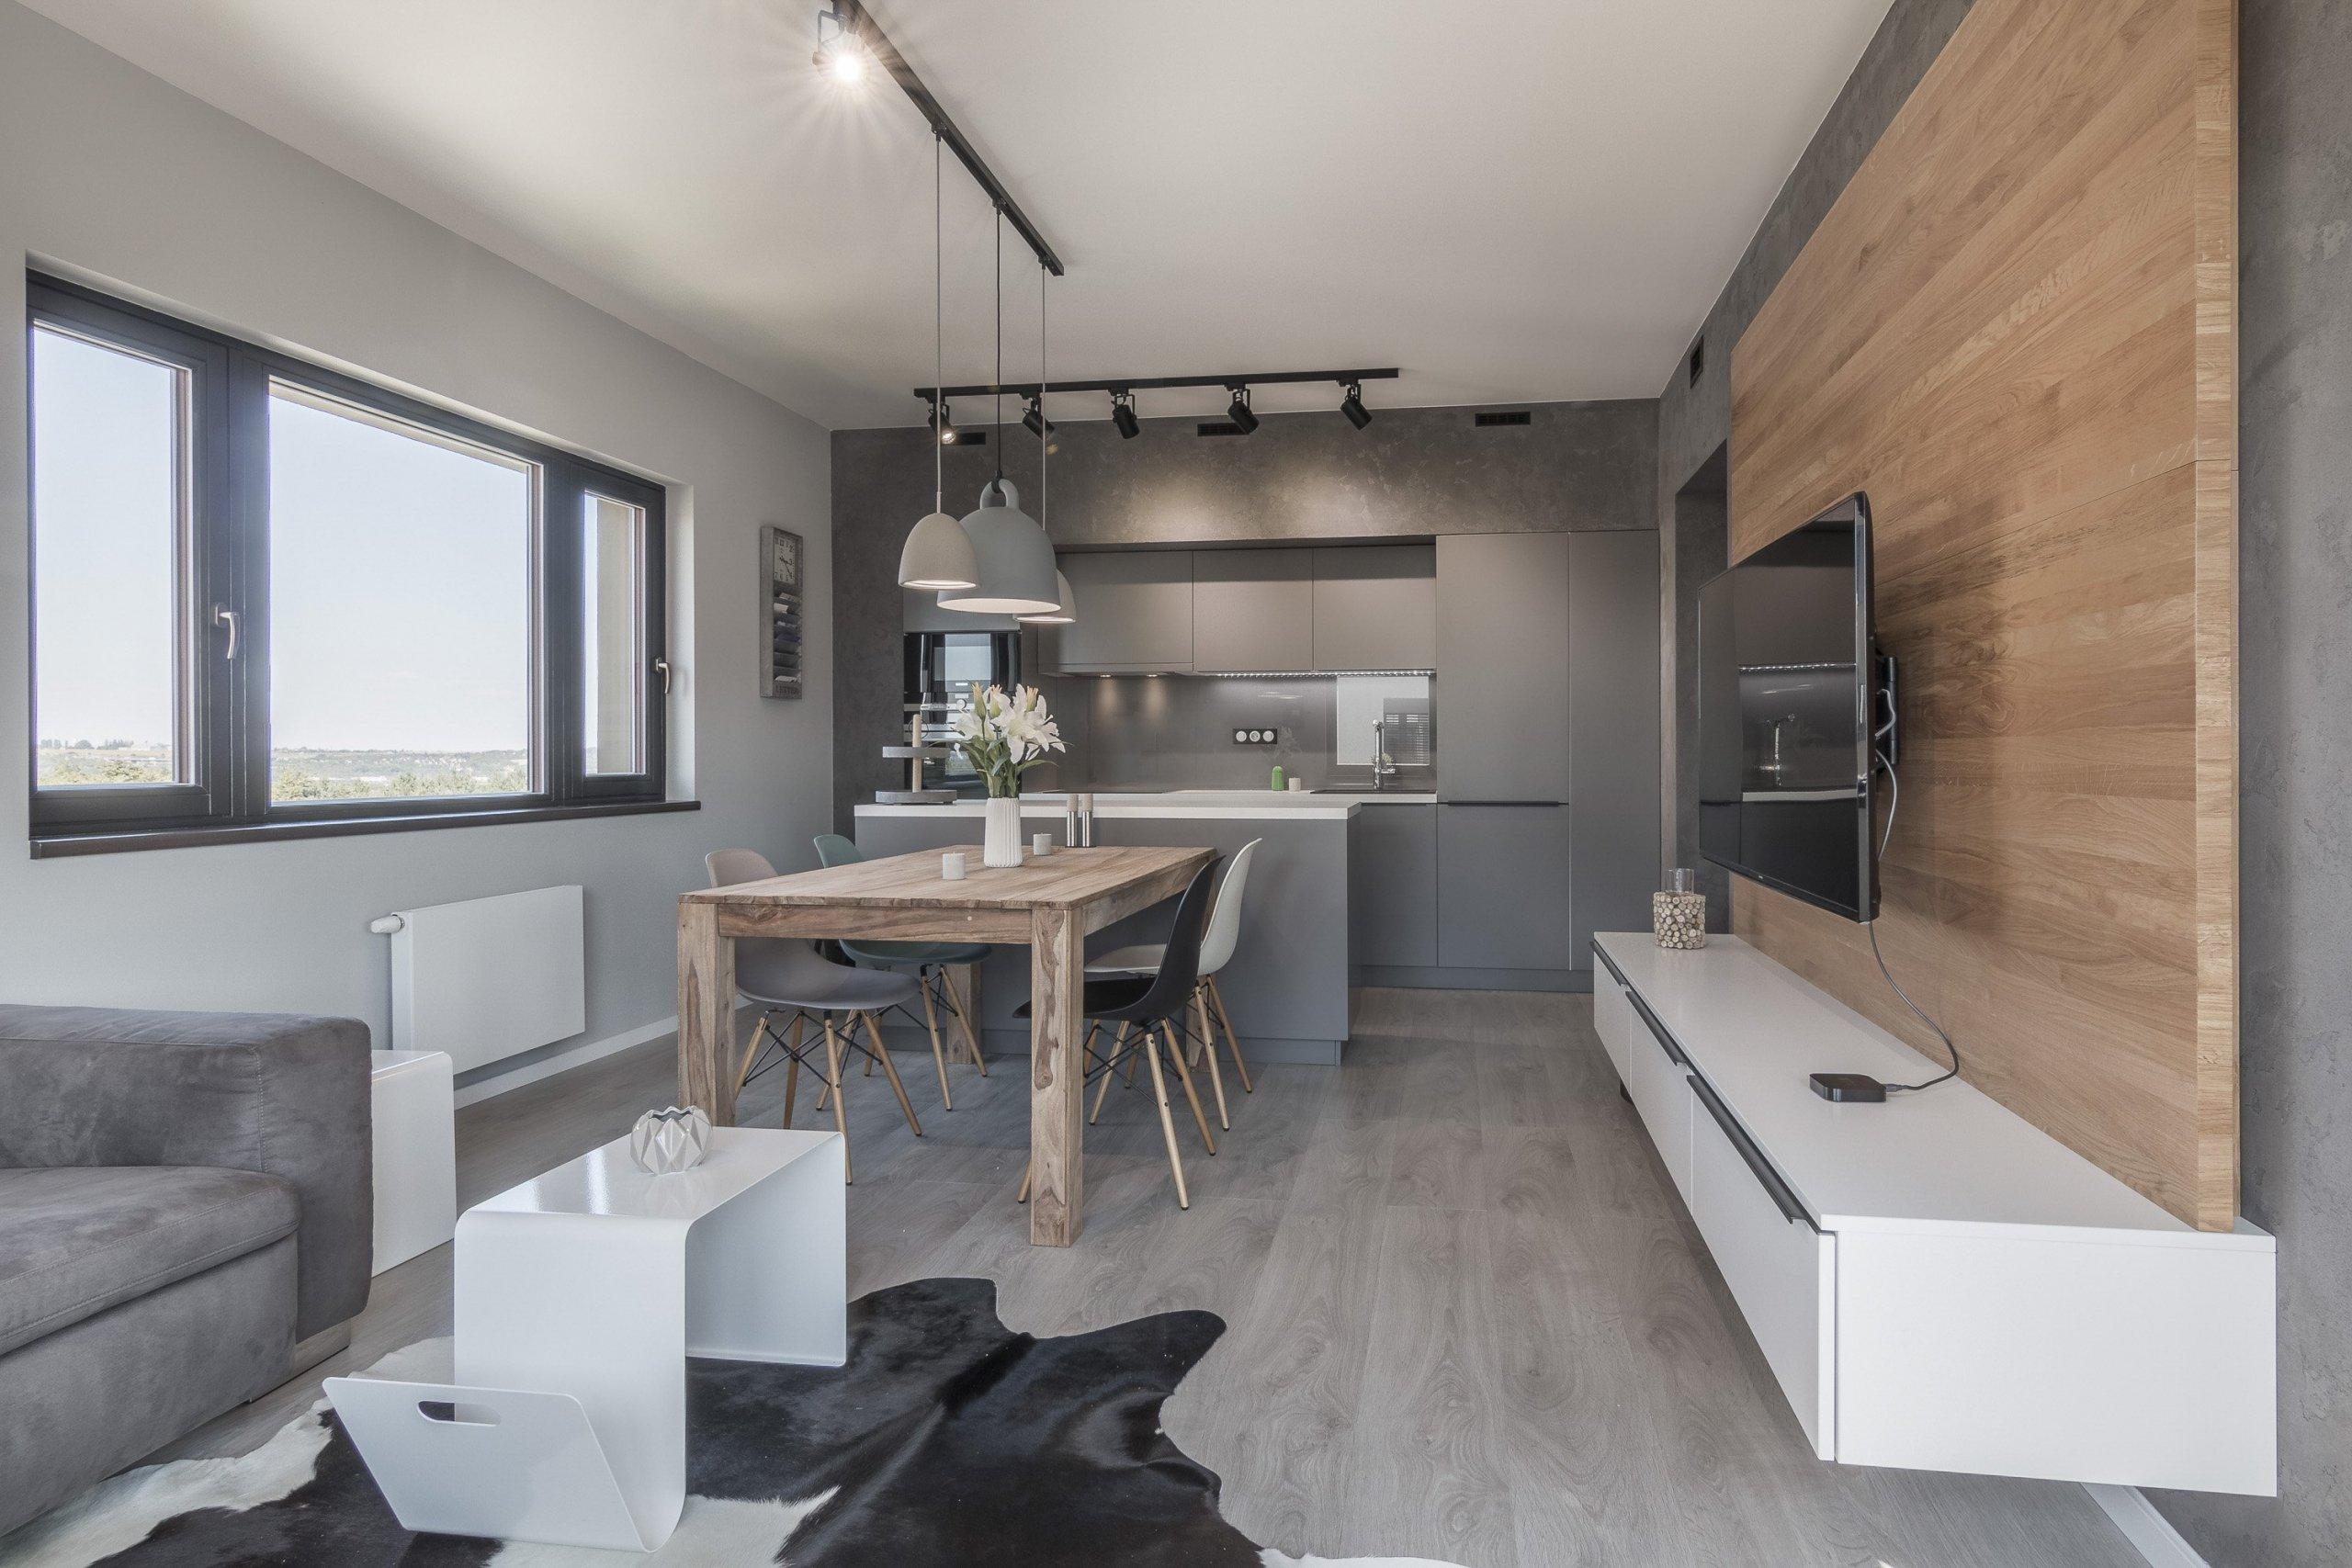 Developerský projekt JRD, podchycení klientských změn a návrh interiéru vybavení bytu pro mladý pár. Z návrhu vyplynulo použití cementové stěrky na většinu…